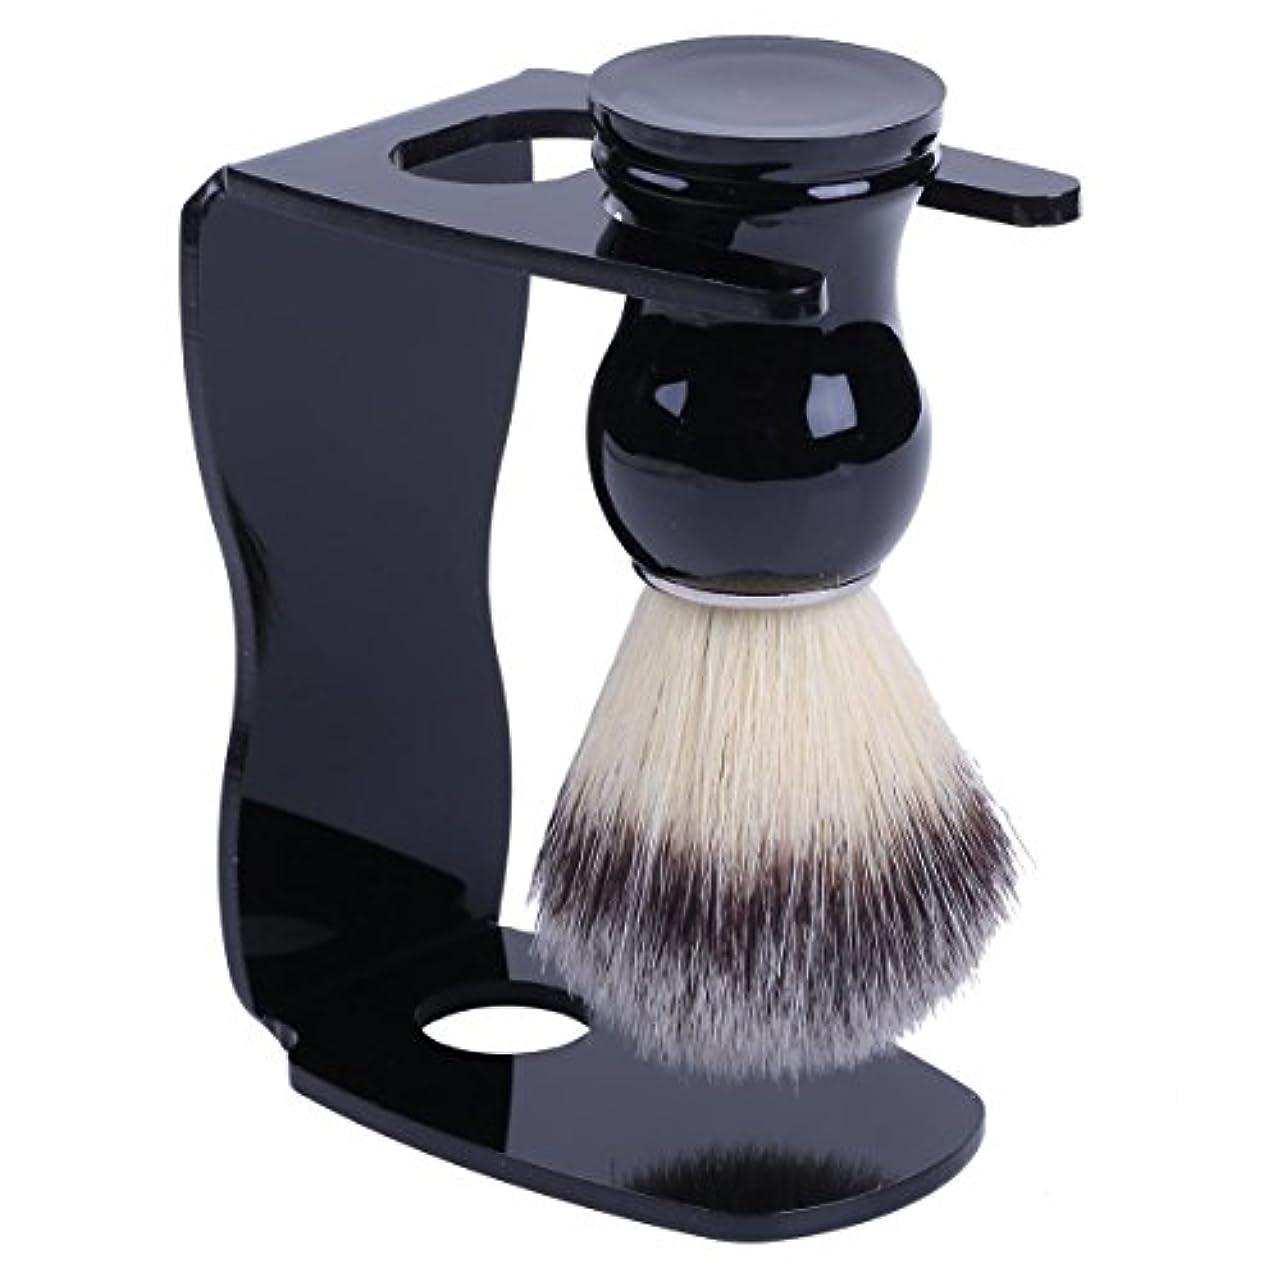 ブルジョン不毛のデコードする泡立ちが違う アナグマ 毛100% スタンド付き シェービング ブラシ /髭剃り 洗顔 理容 マッサージ 美容 効果